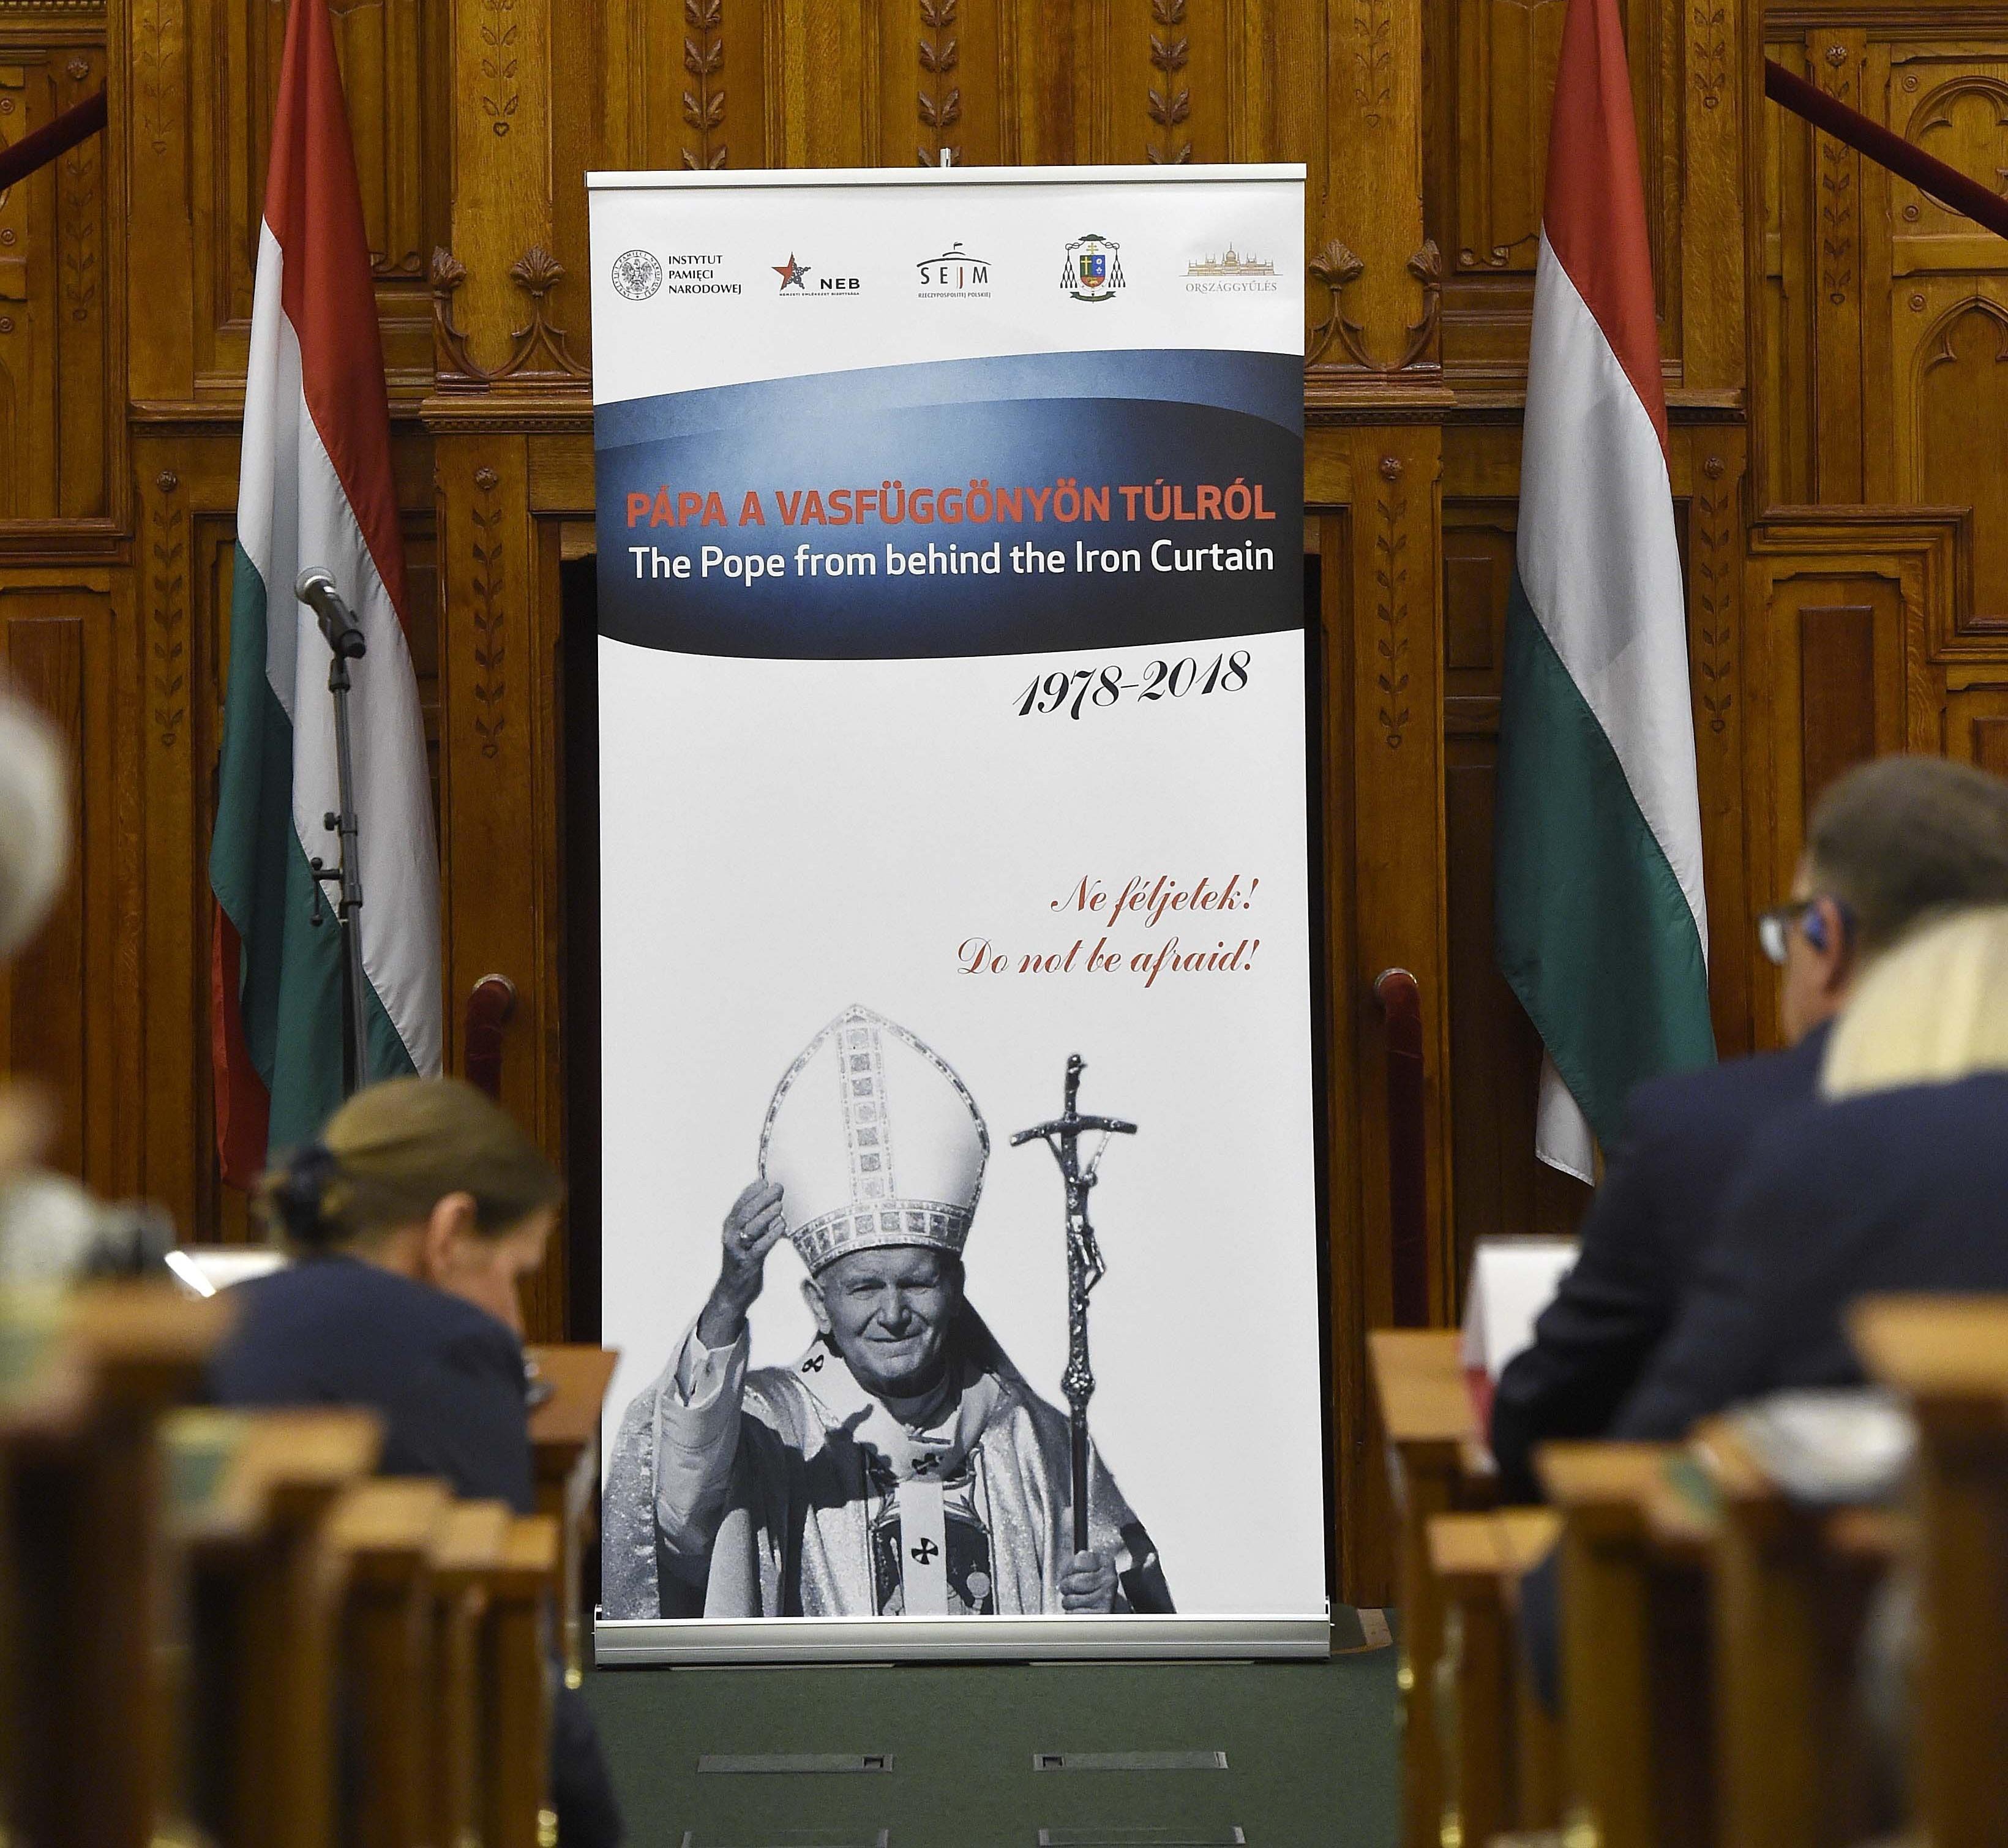 Semjén: Papst Johannes Paul II. war ein entschlossener Kämpfer für Menschenrechte post's picture